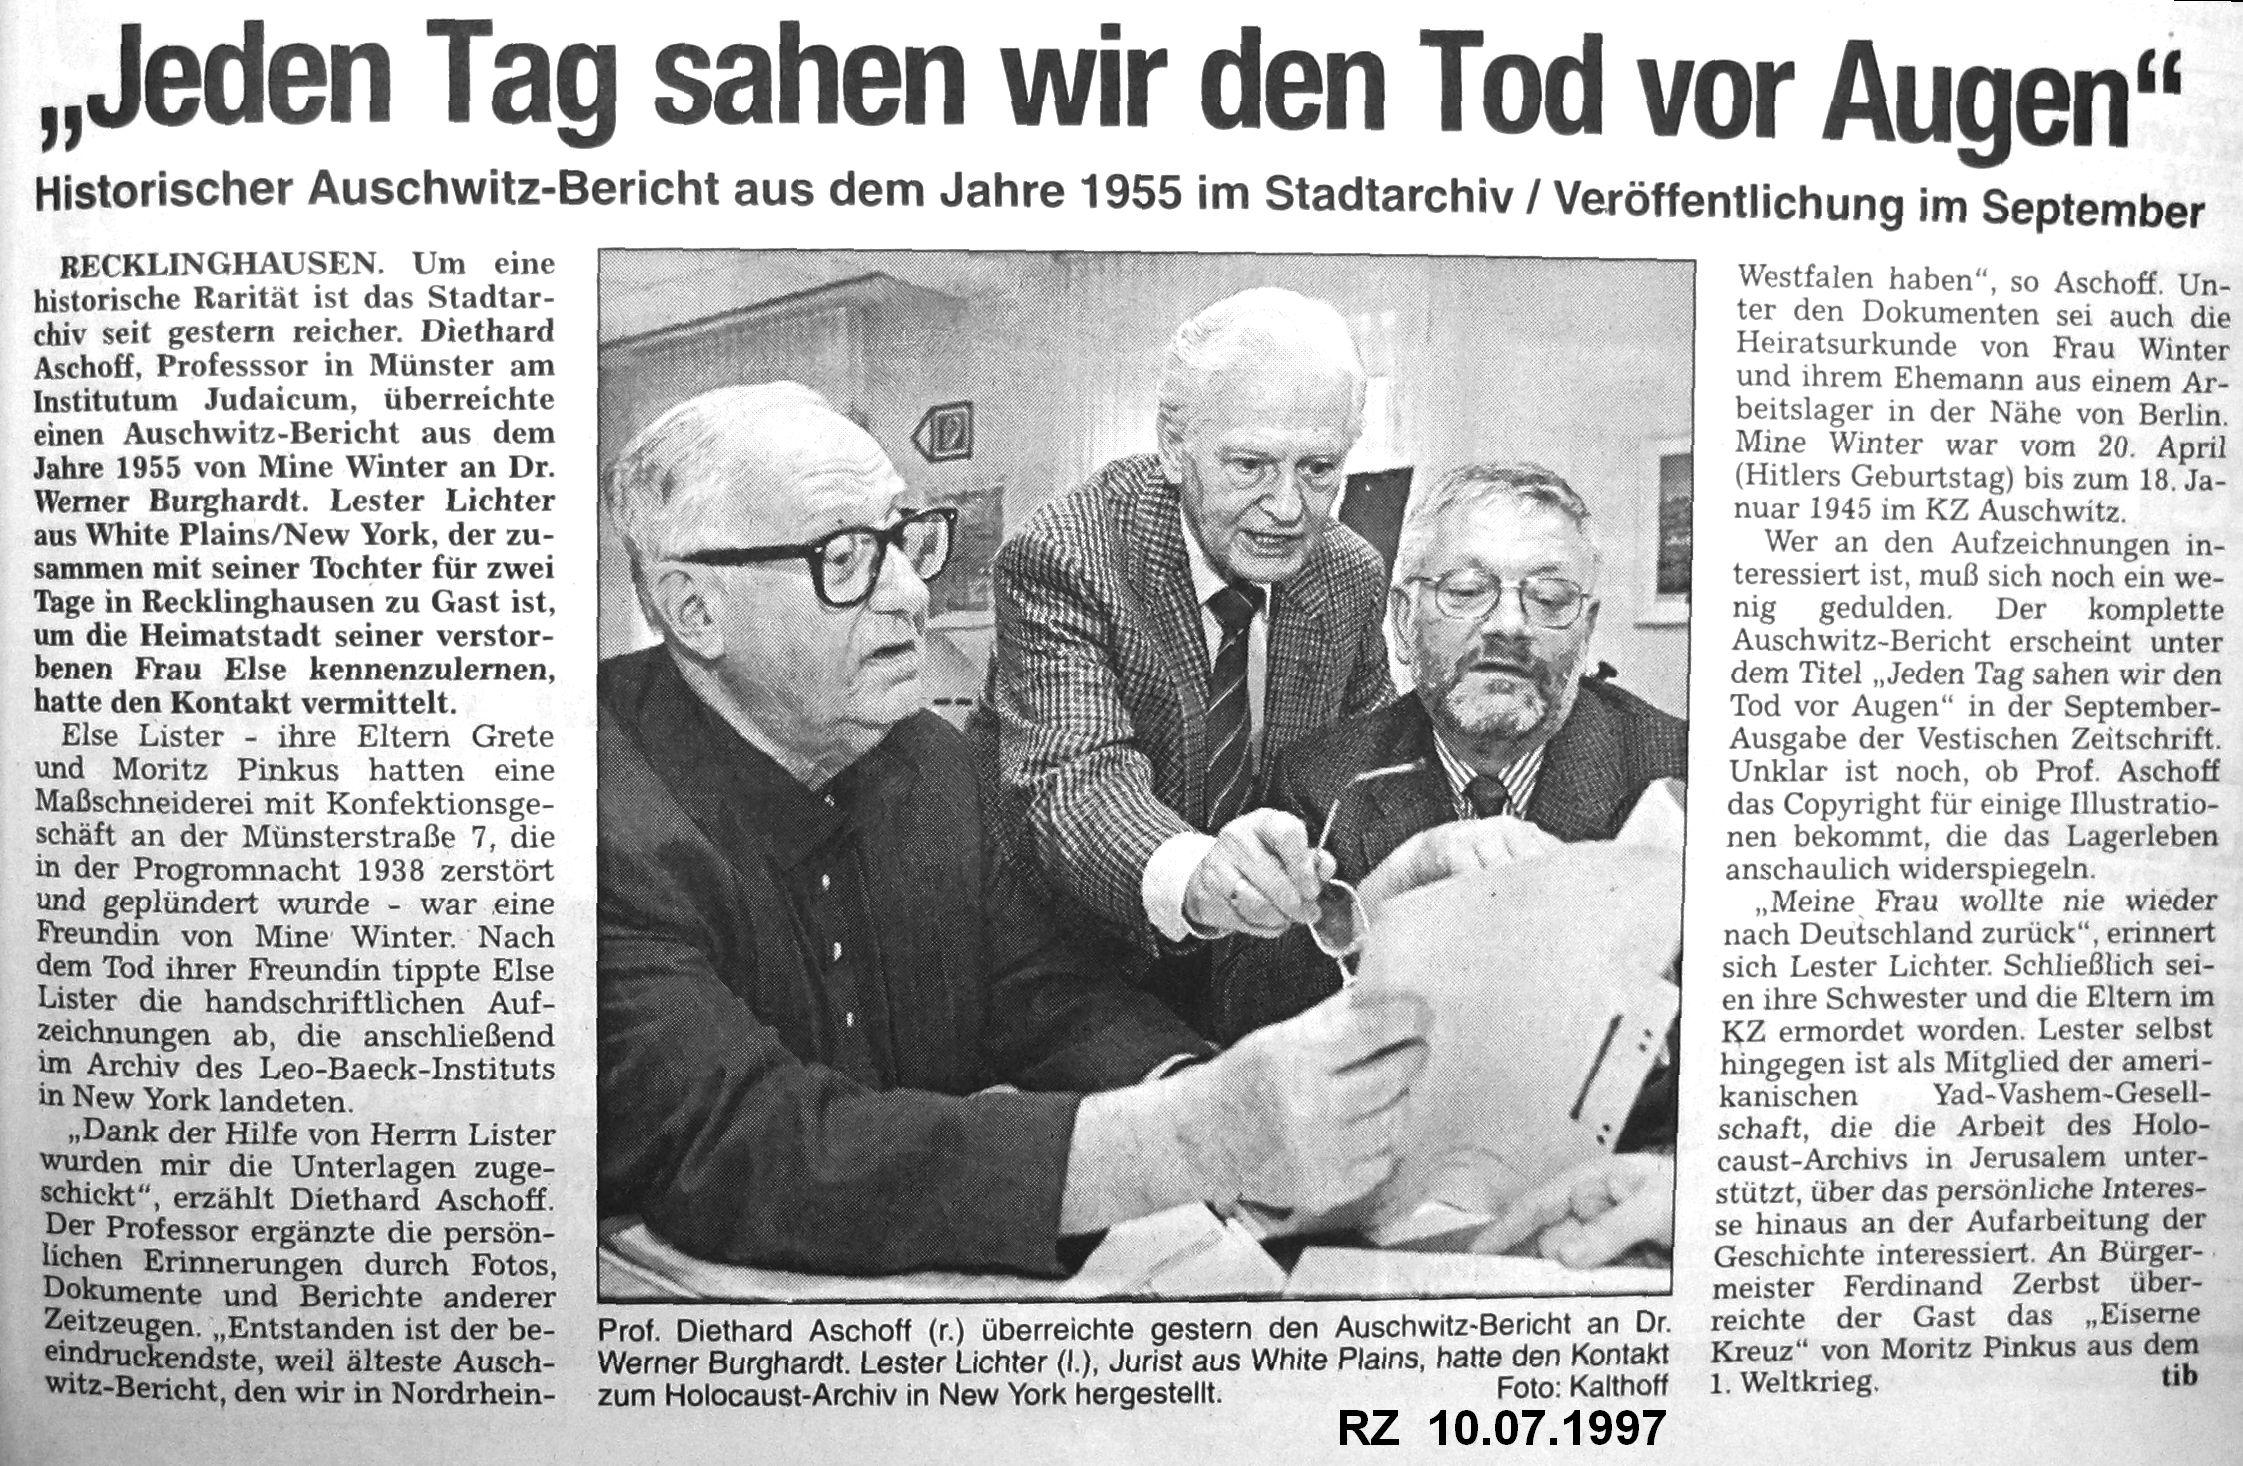 RZ-Artikel vom 10.07.1997